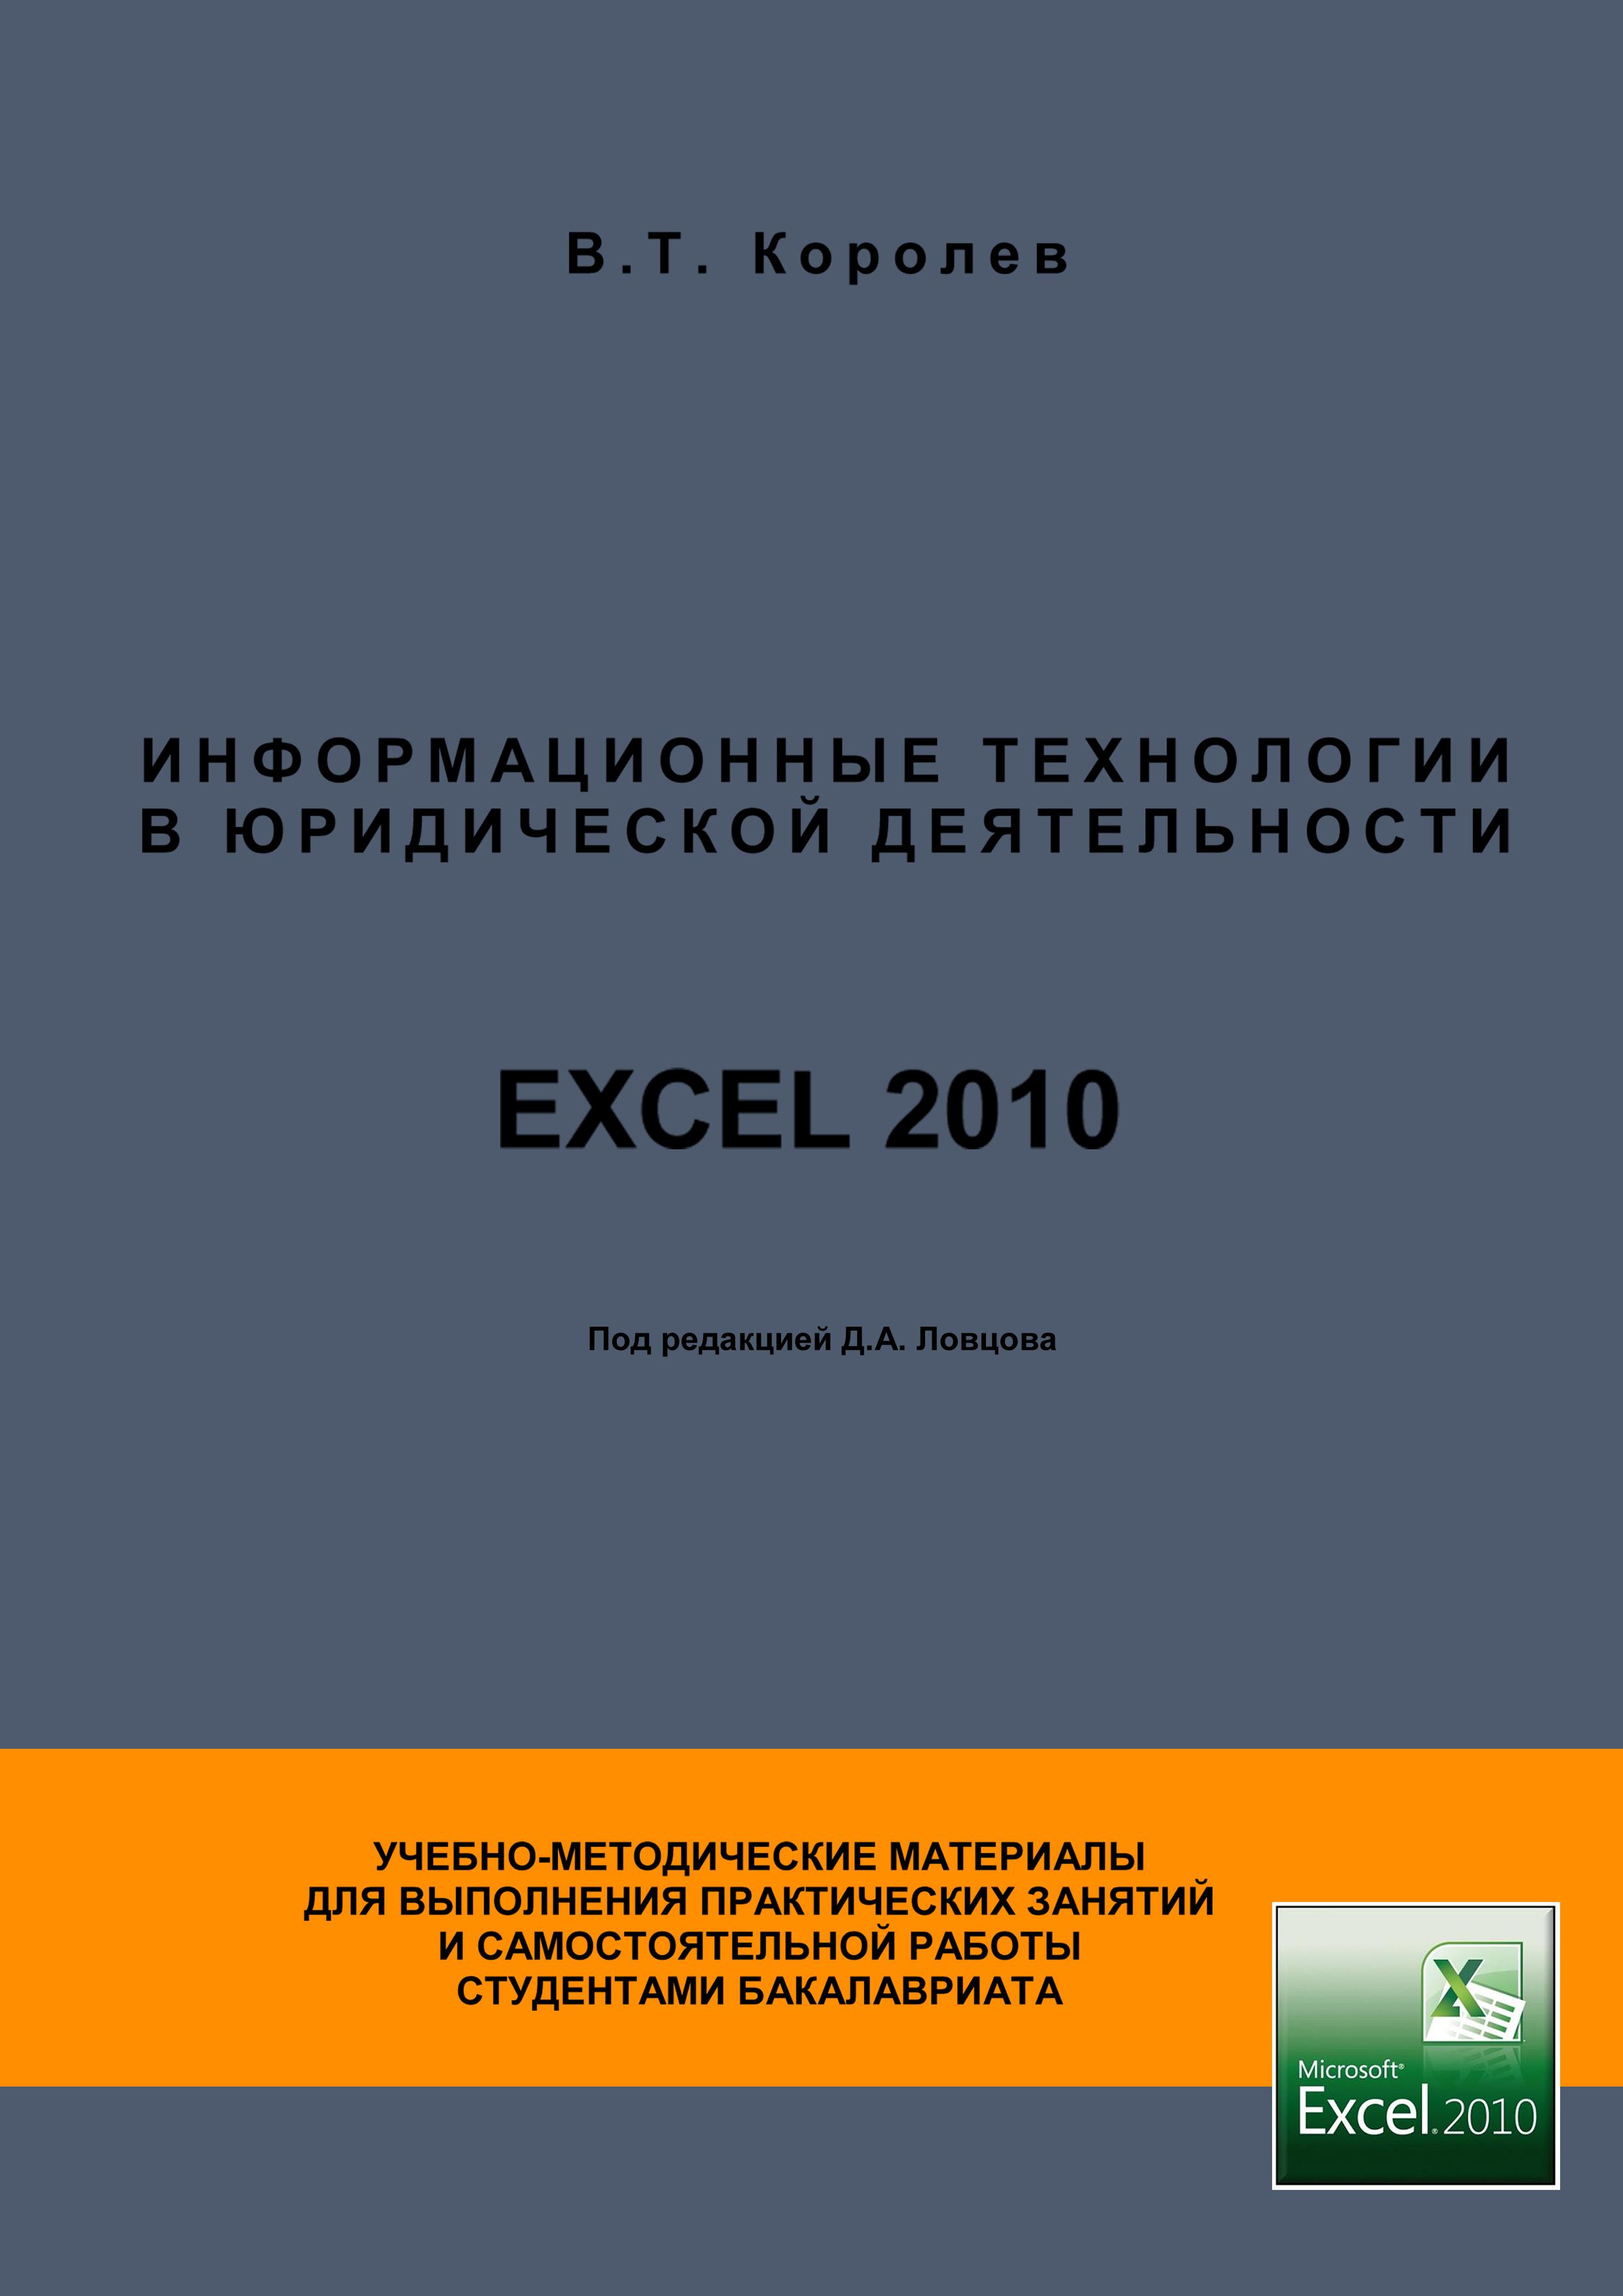 В. Т. Королёв Информационные технологии в юридической деятельности. EXCEL 2010